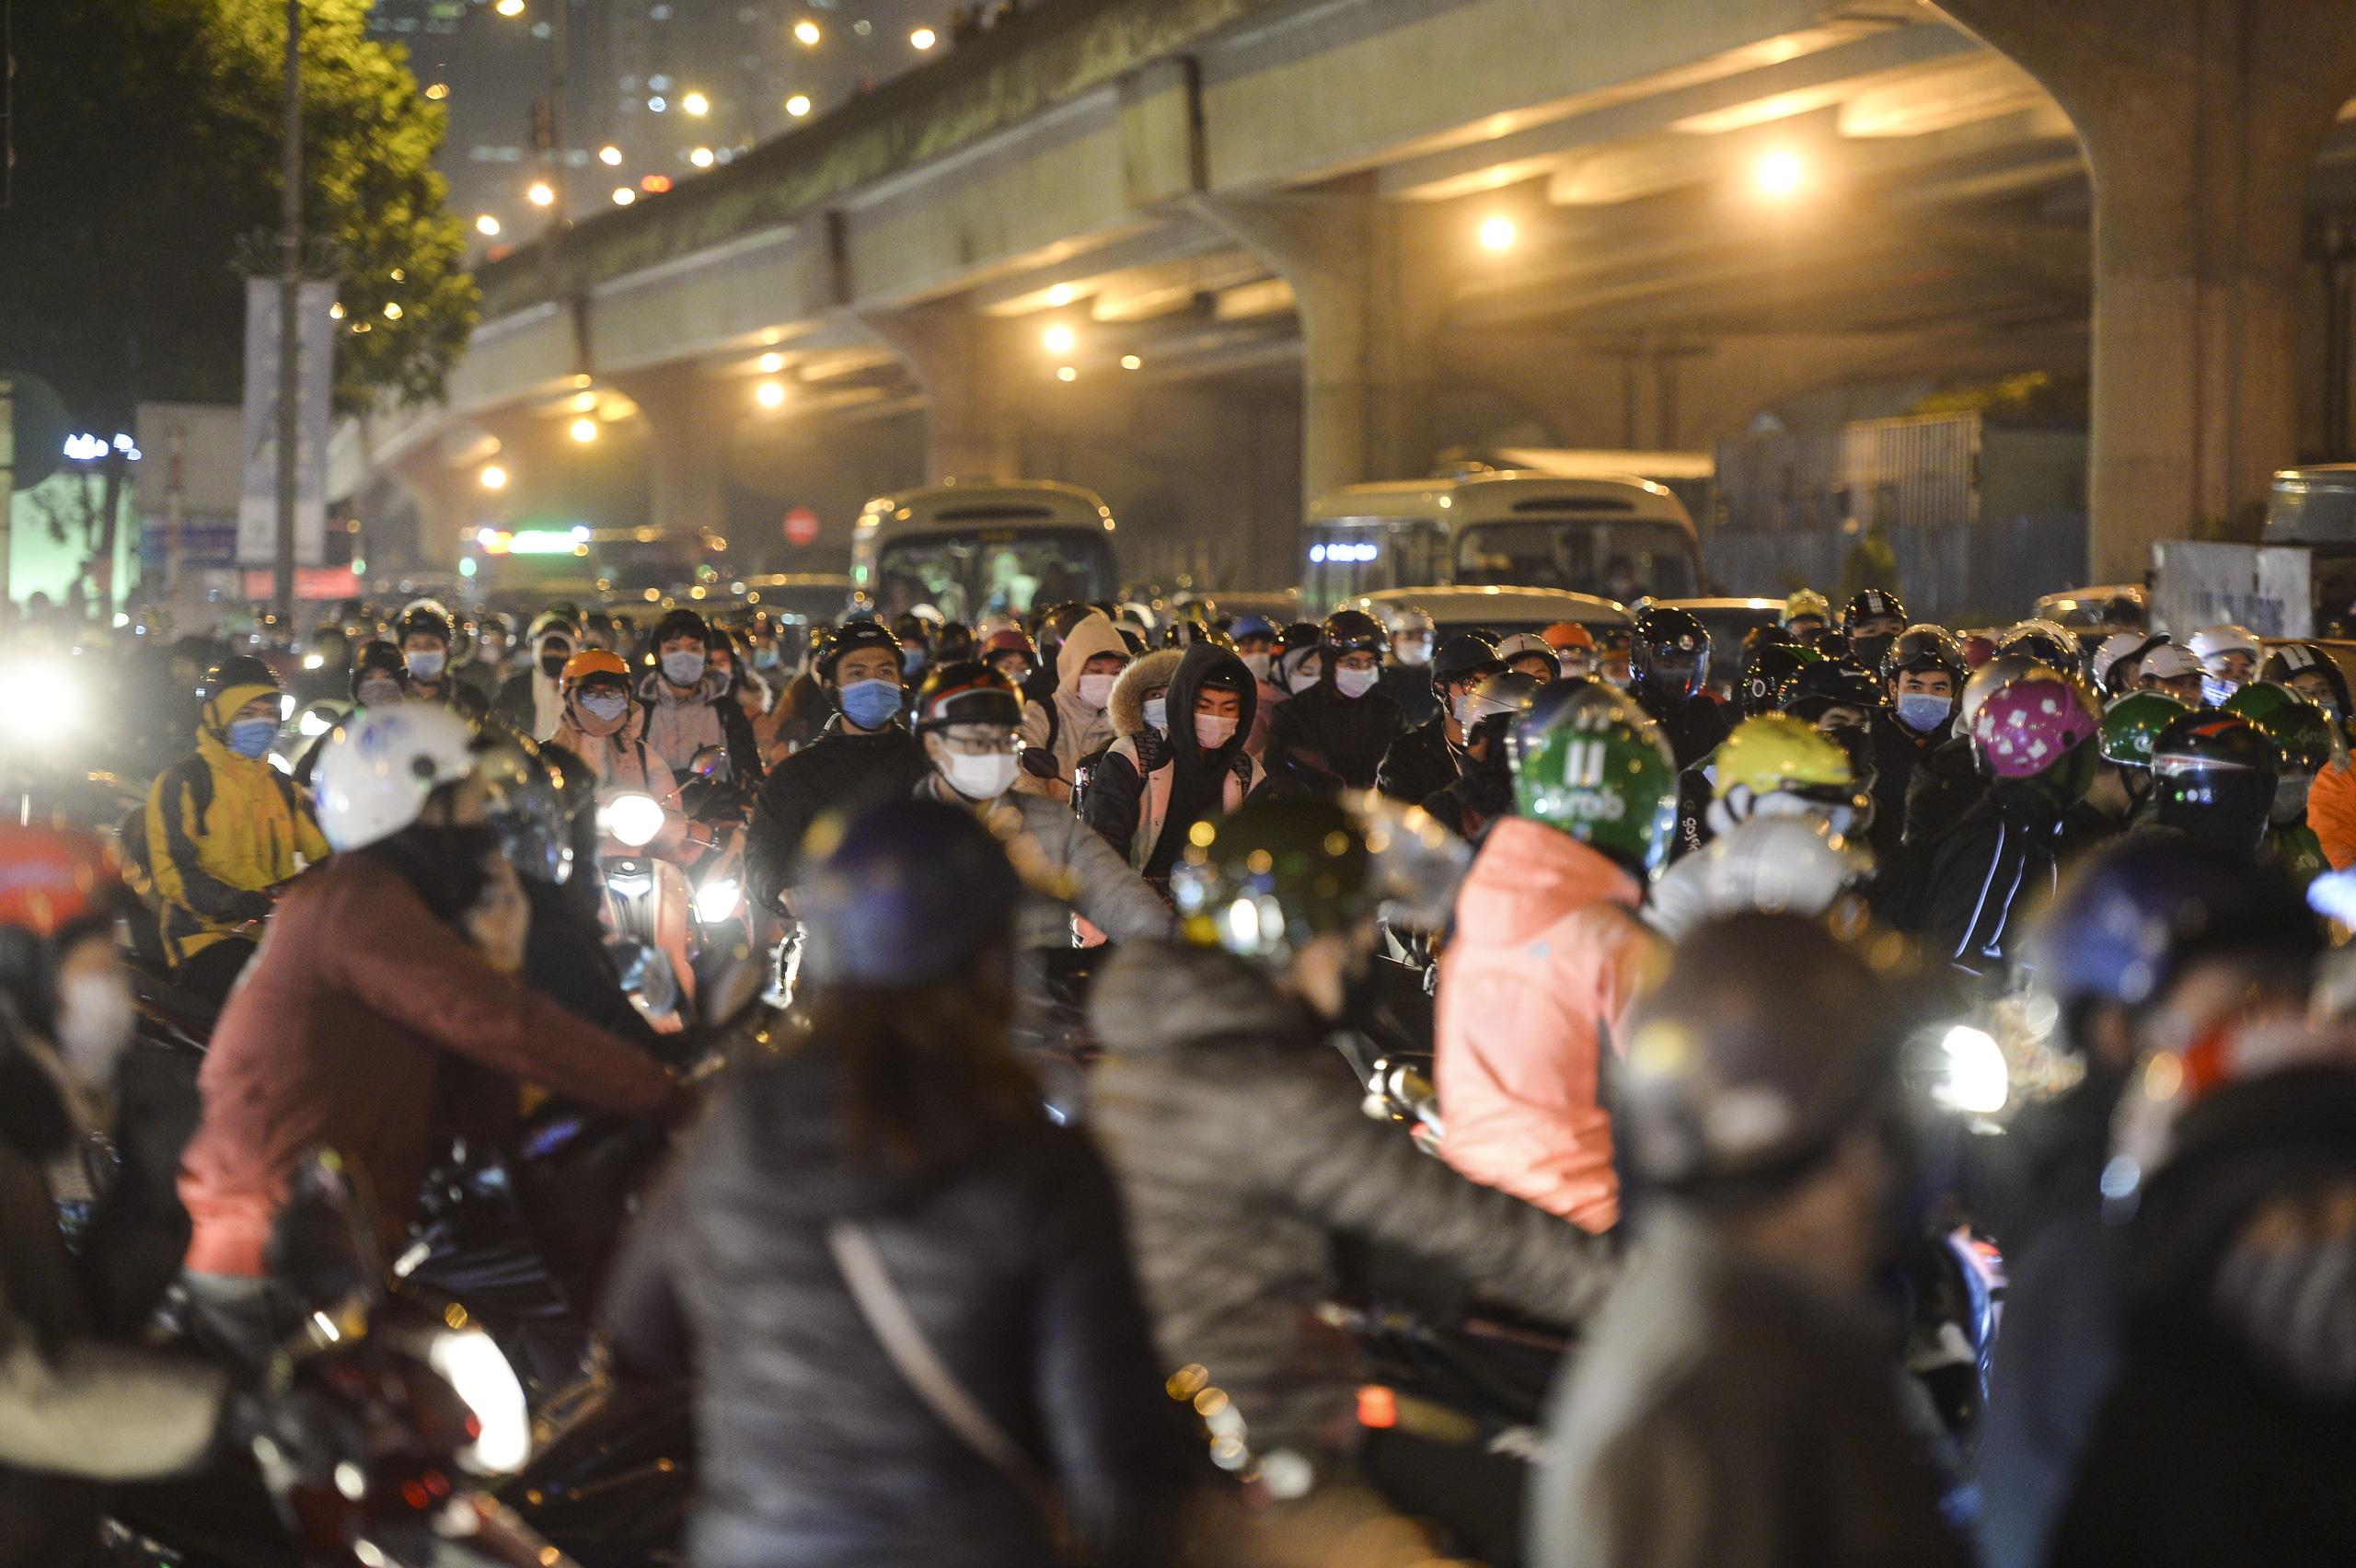 Chùm ảnh đường phố Hà Nội đông kín người từ chiều đến tối ngày cuối năm 2020 - Ảnh 8.